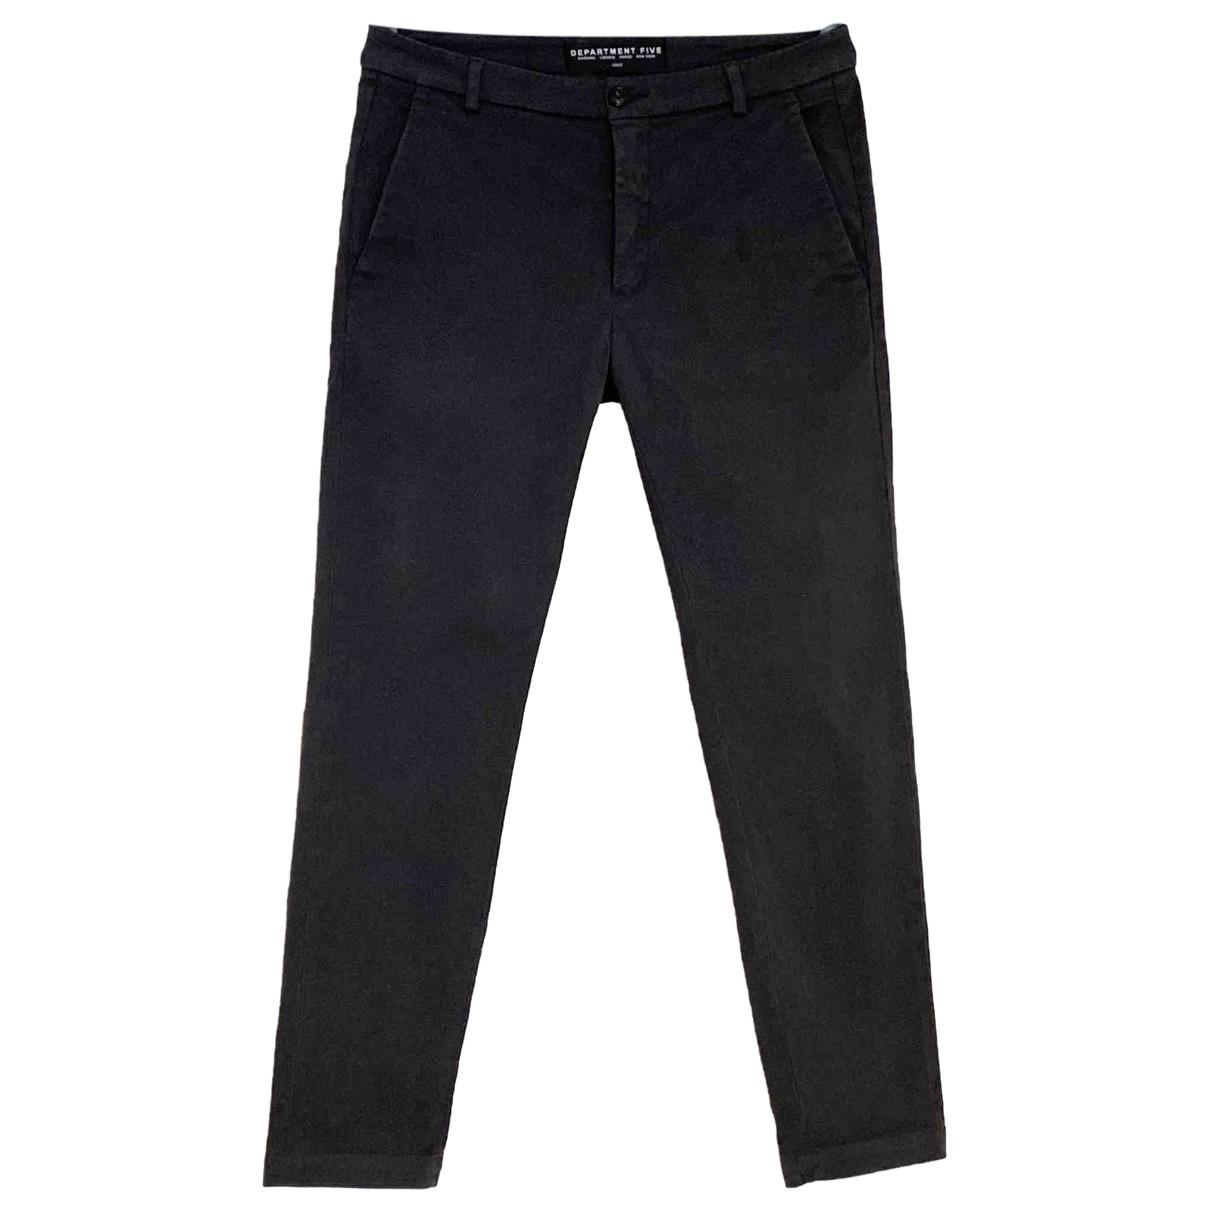 Pantalones en Algodon Antracita Department 5